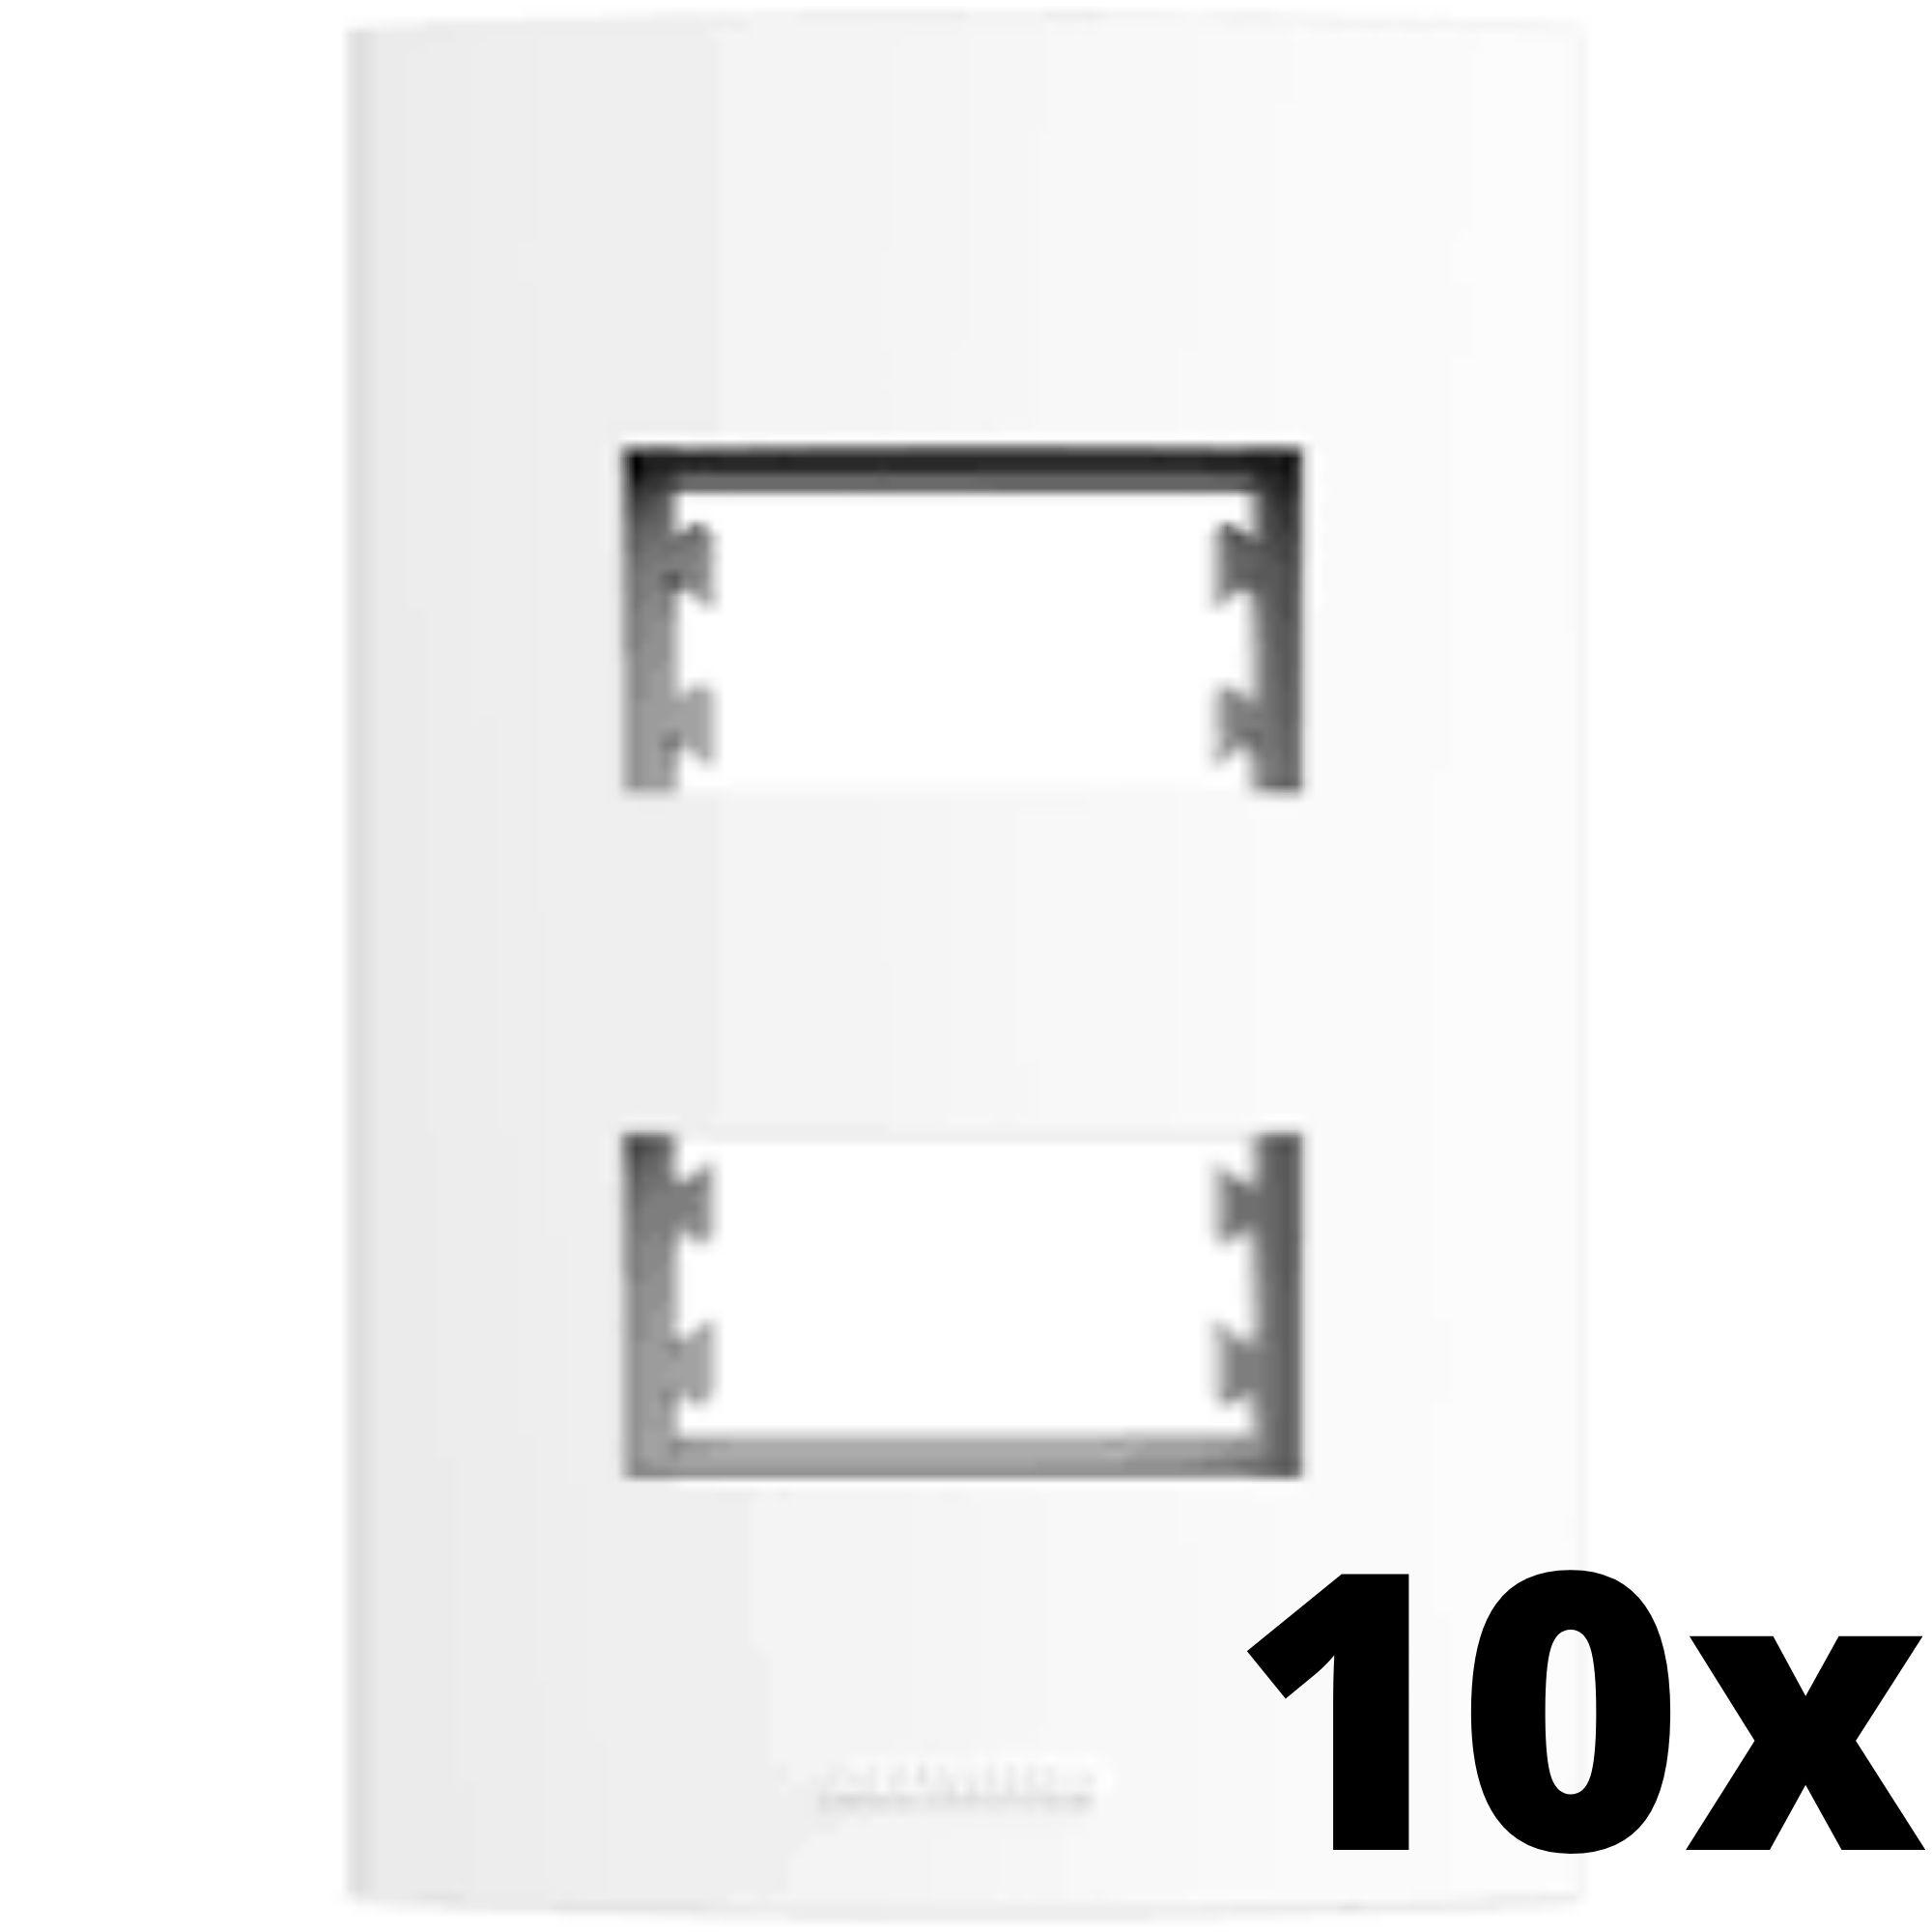 Kit 10 und Alumbra Bianco Pró Placa 4x2 2 Seções Distanciadas